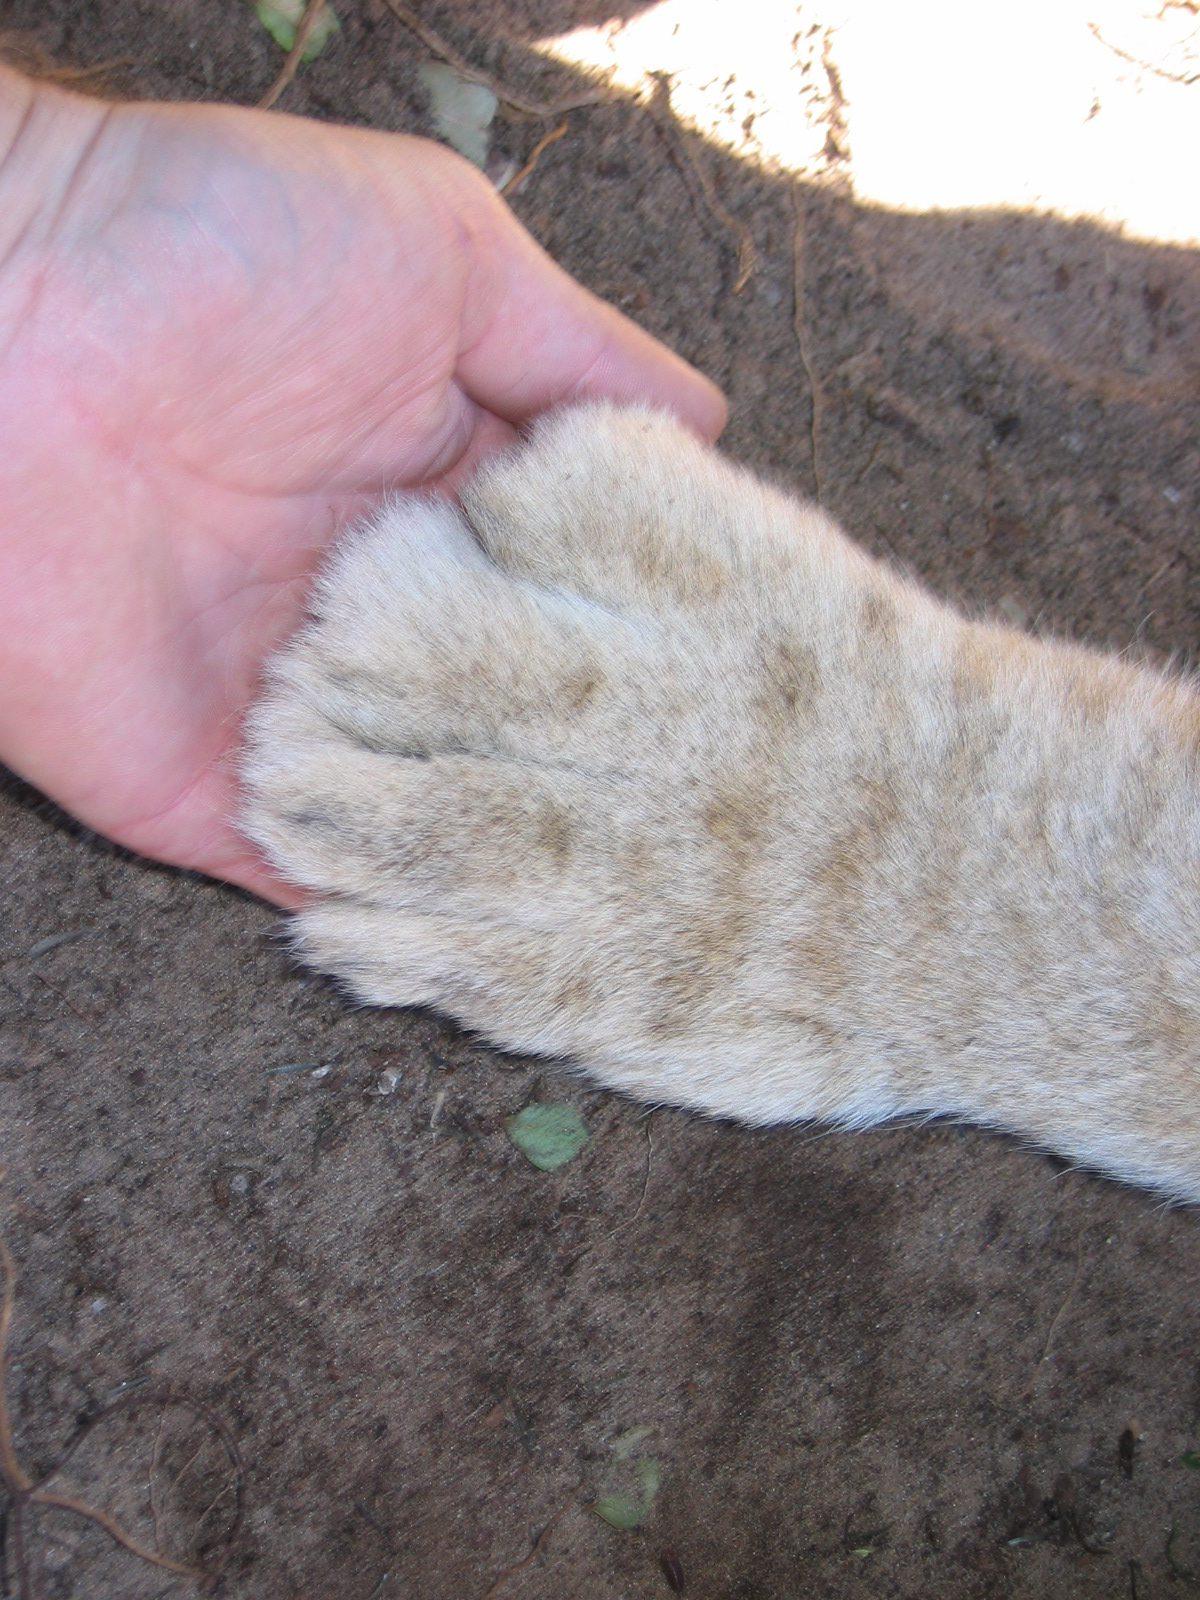 Meine Hand vs. Tatze eines 4 Monate alten Löwen